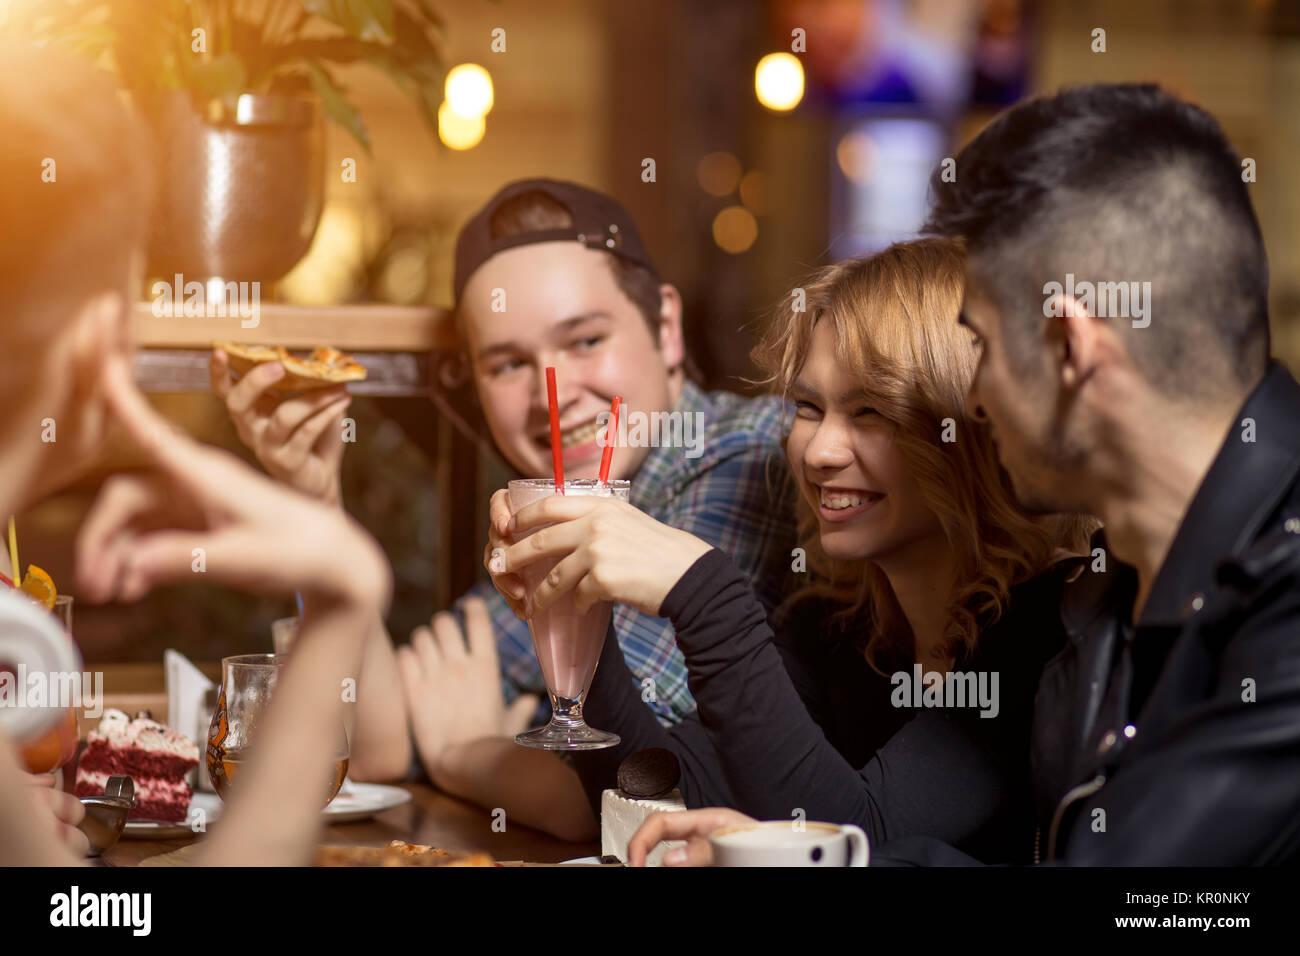 Les amis en buvant un café ensemble. Les femmes et l'homme au café, parler, rire Photo Stock